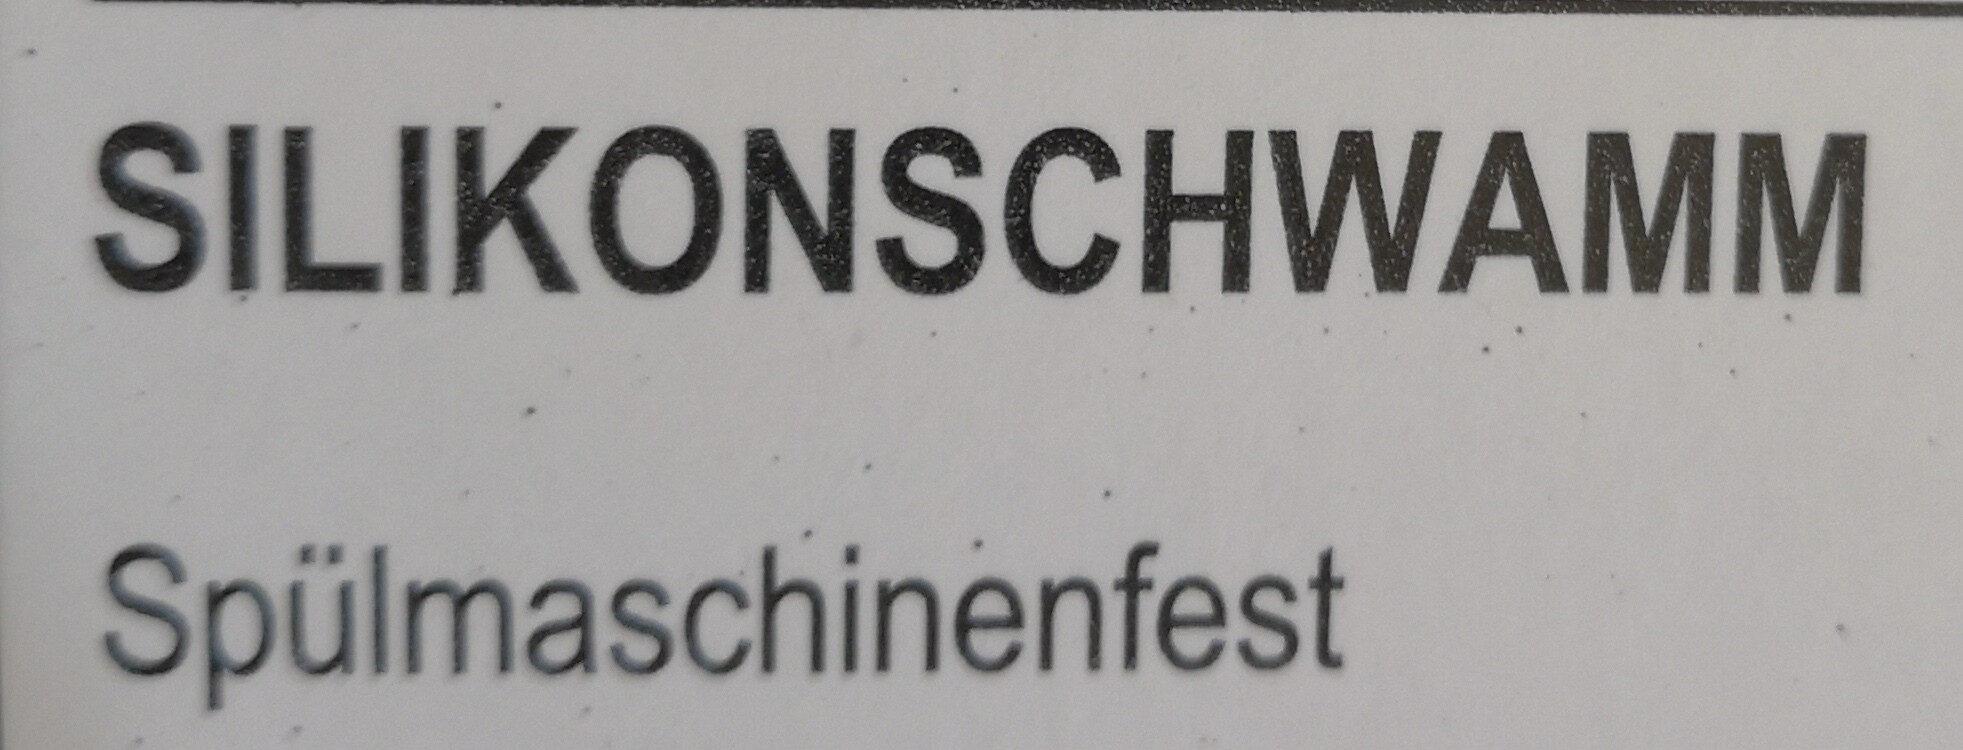 Silikonschwamm - Ingredients - de